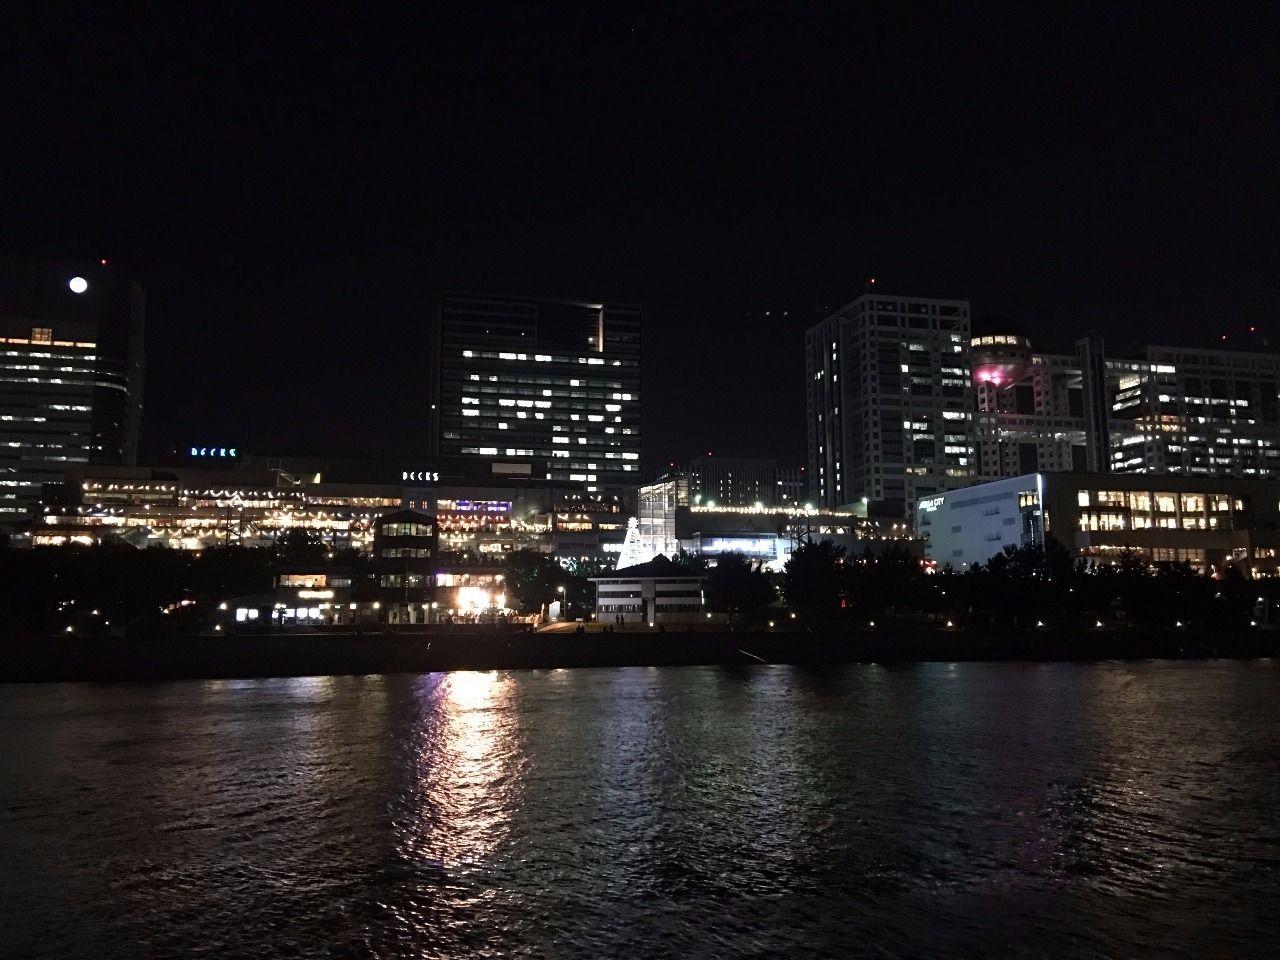 東京湾パーティークルーズ 船清 iPhone6Sで撮影